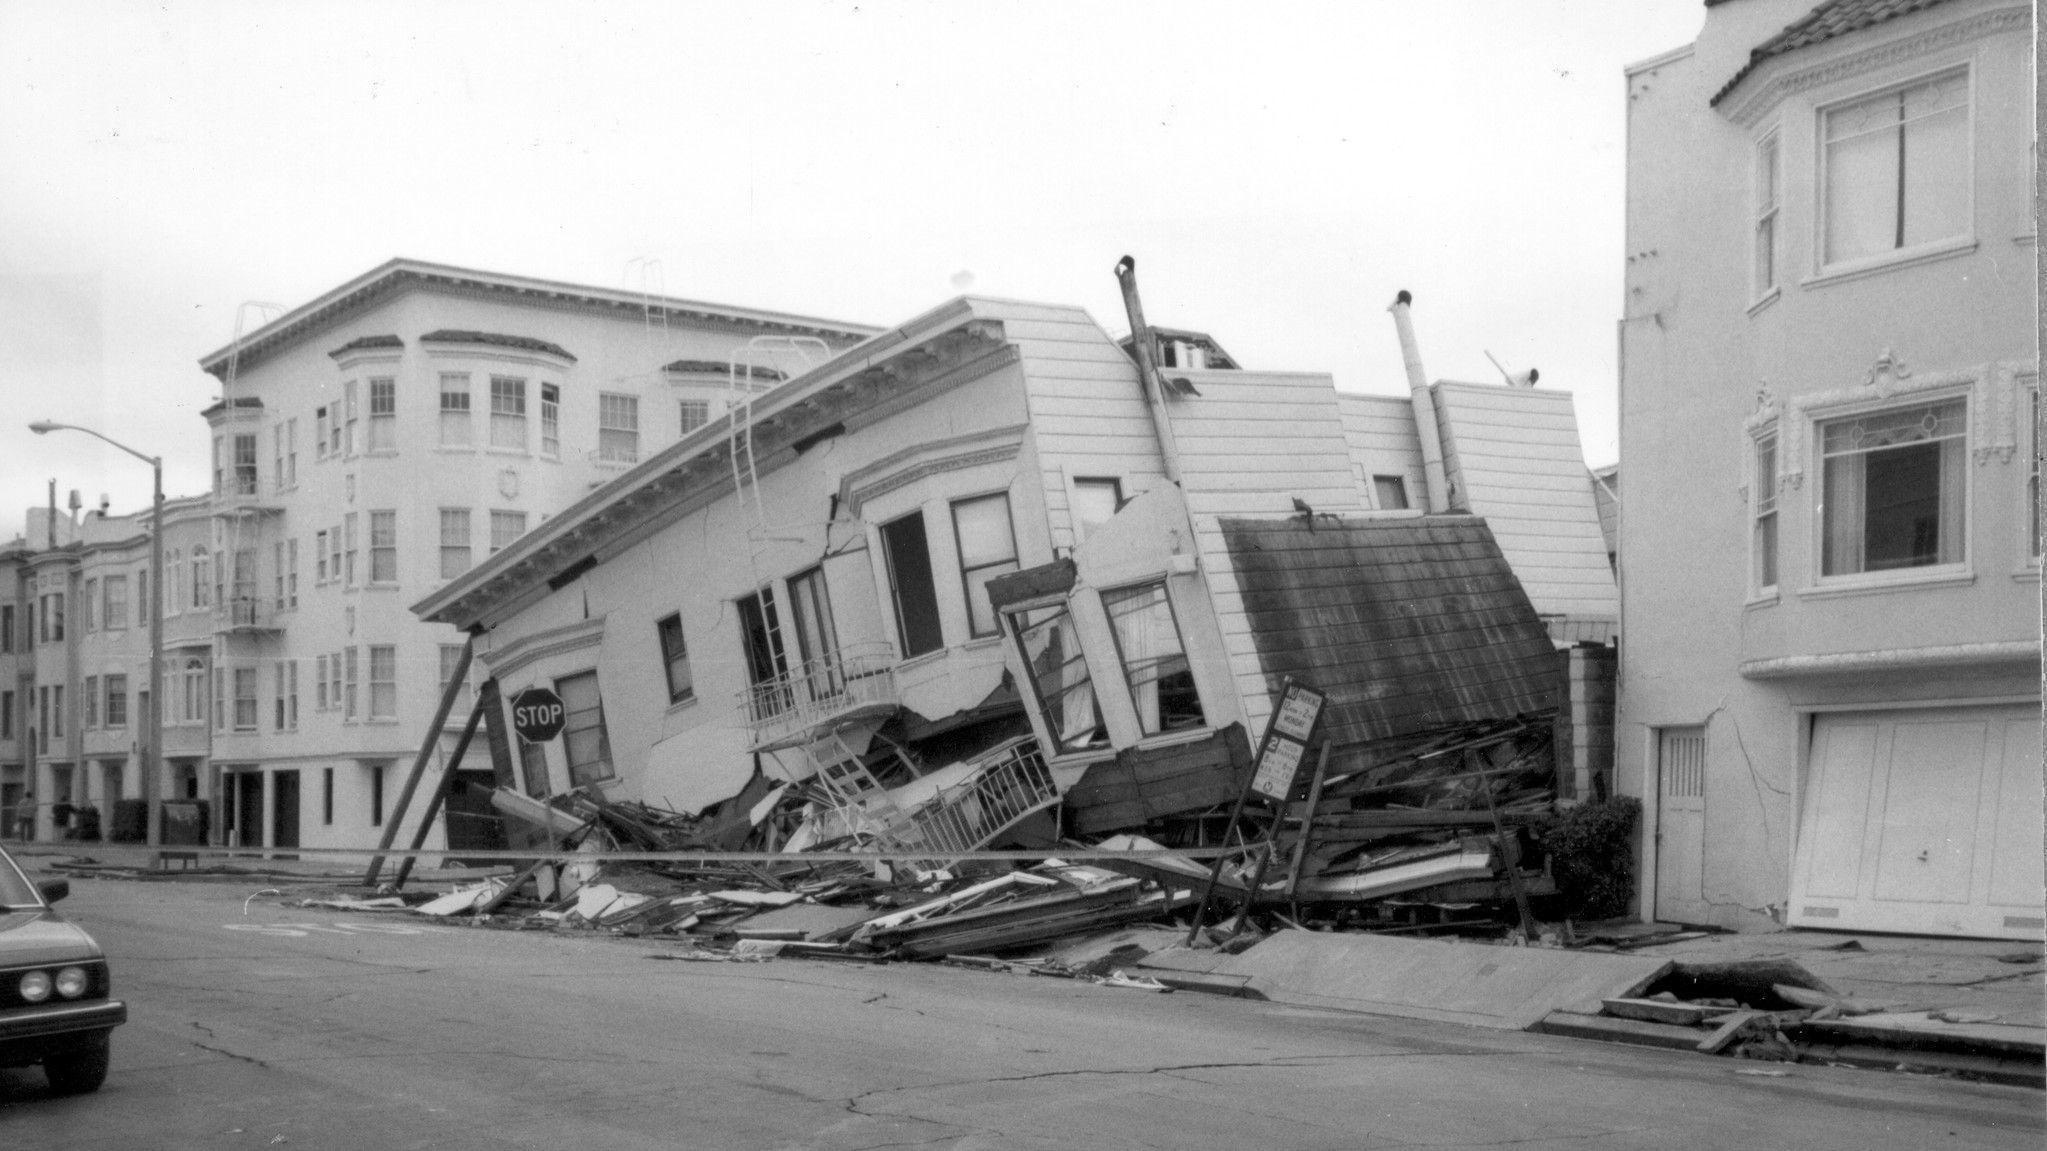 1989 Loma Prieta earthquake damage